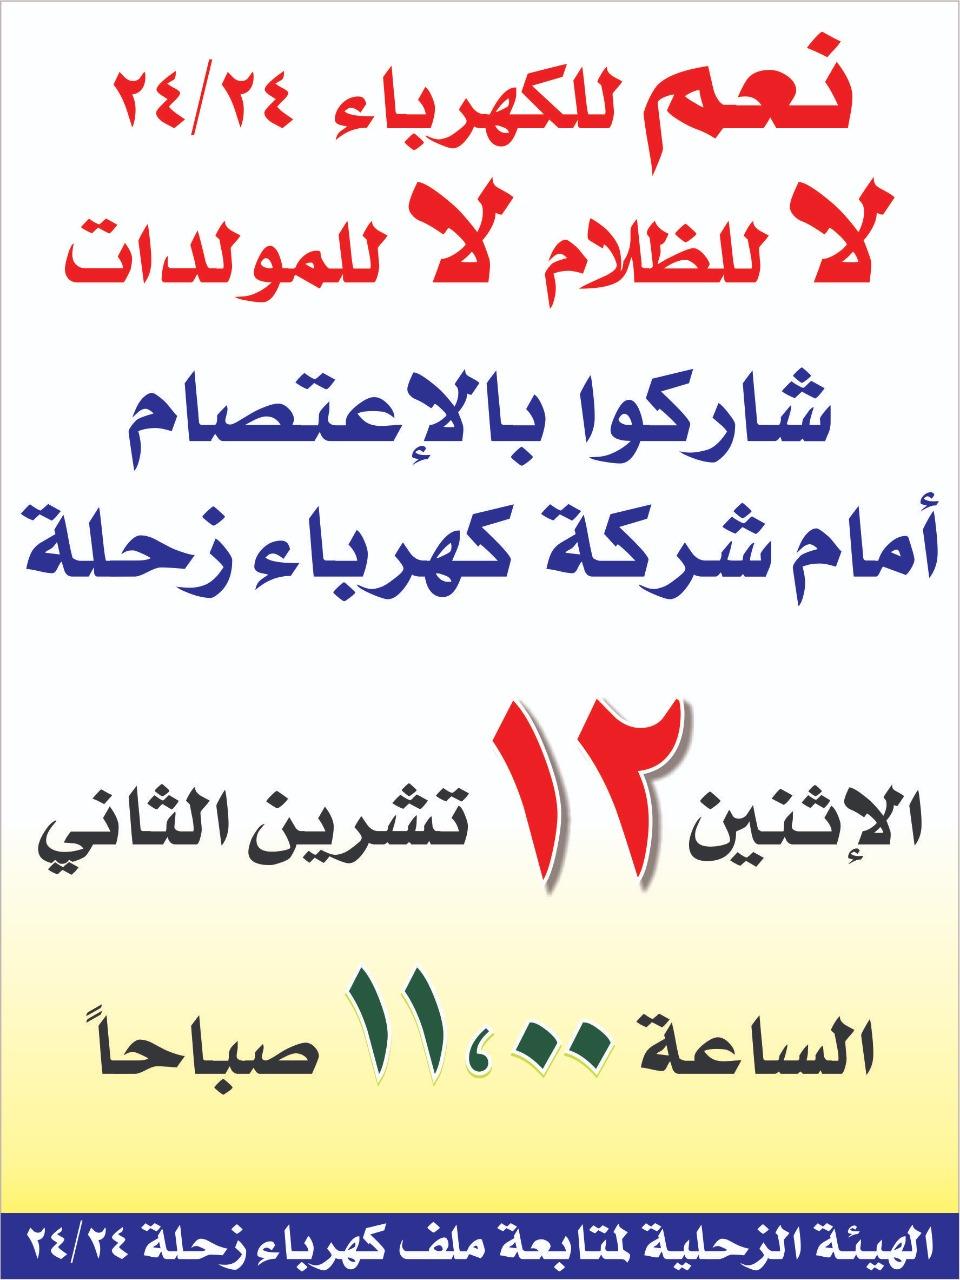 اعتصام ١٢ تشرين امام كهرباء زحلة ... يوم لاسترداد الحق و انتصار الضوء على الظلمة